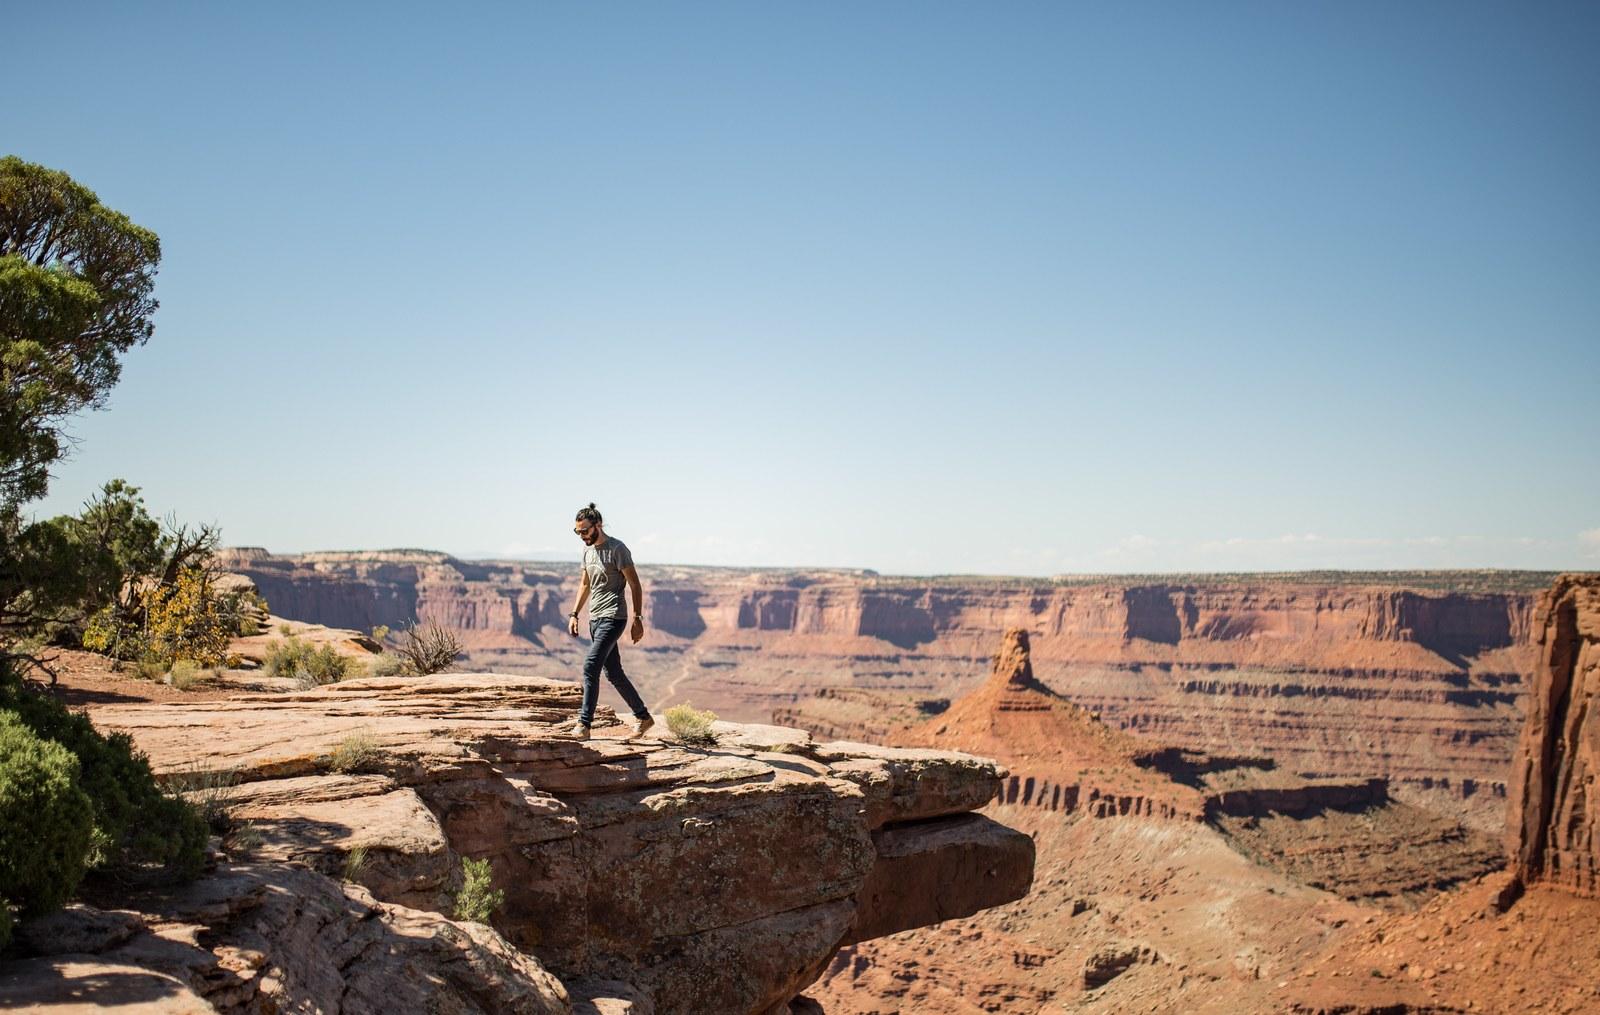 Seb, devant l'immensité des paysages typique de l'Utah Dead Horse State Park